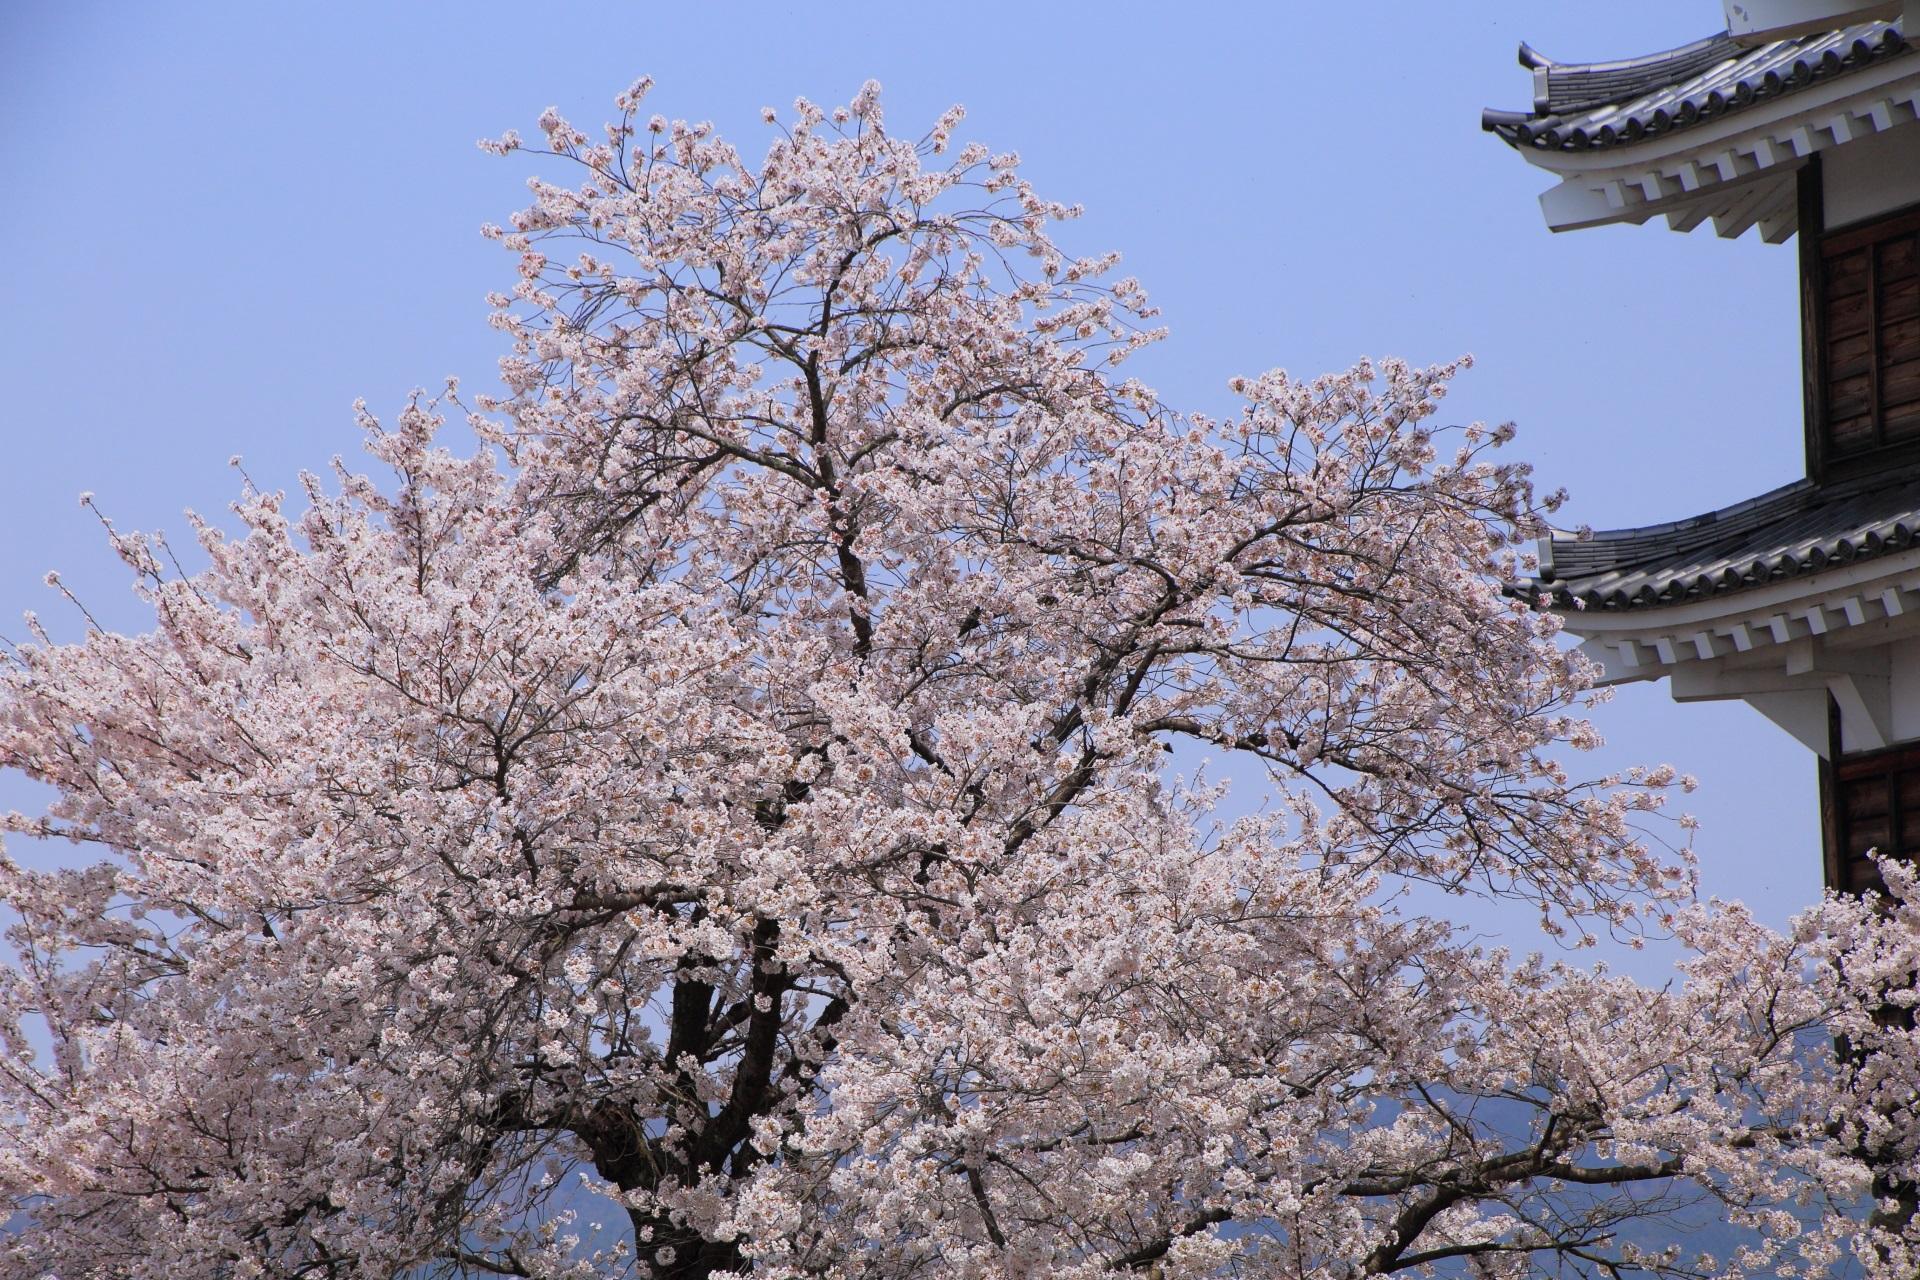 福知山城の青空を背景に咲き誇る桜